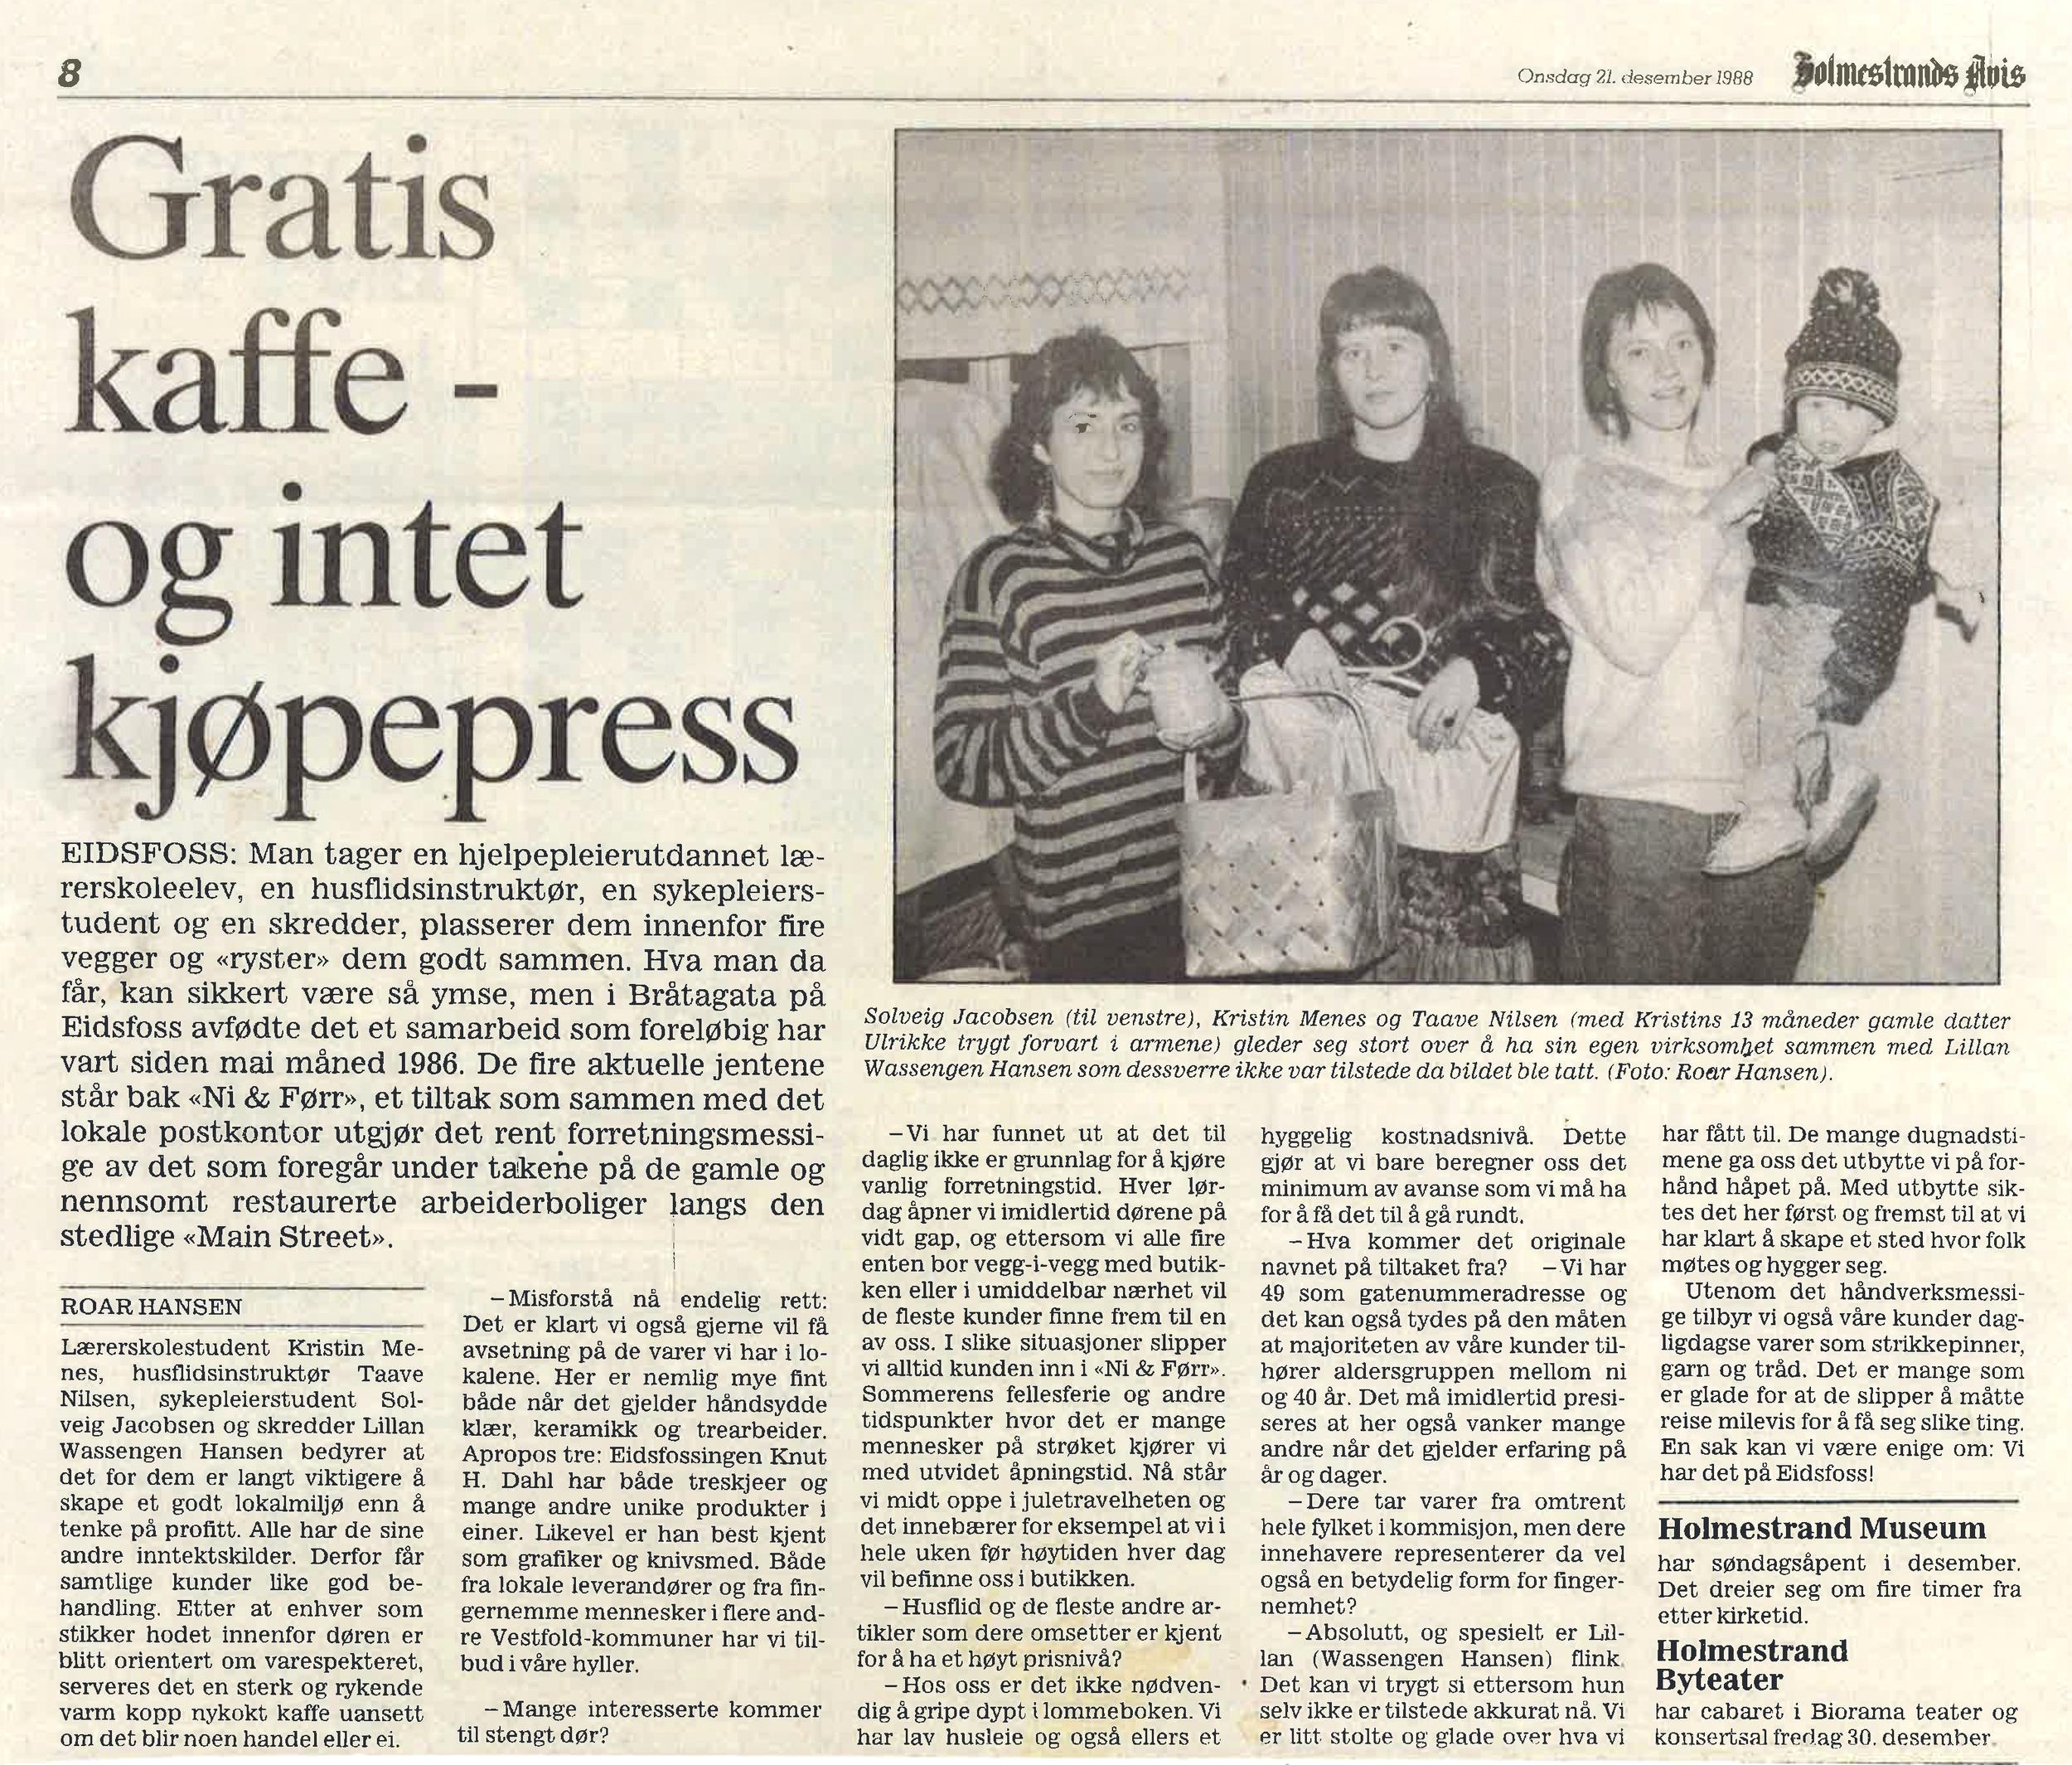 Holmestrands Avis 21. desember 1988